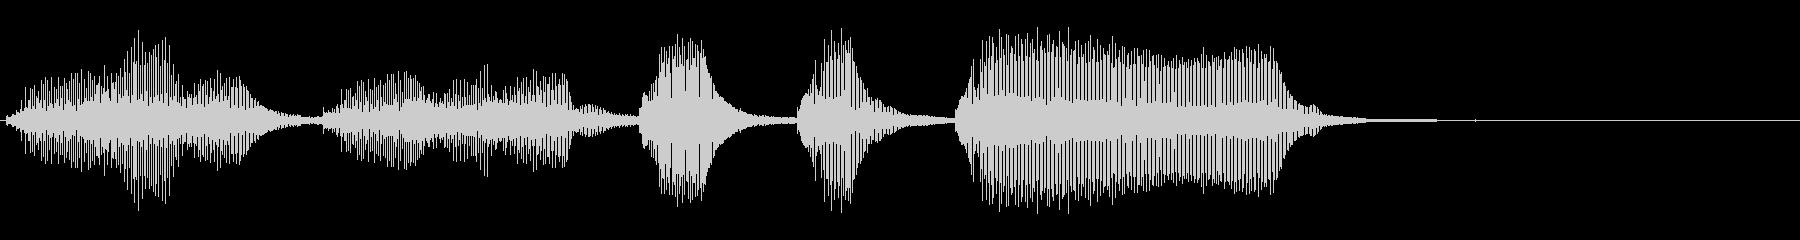 KANTコミカルファンファーレ7087の未再生の波形